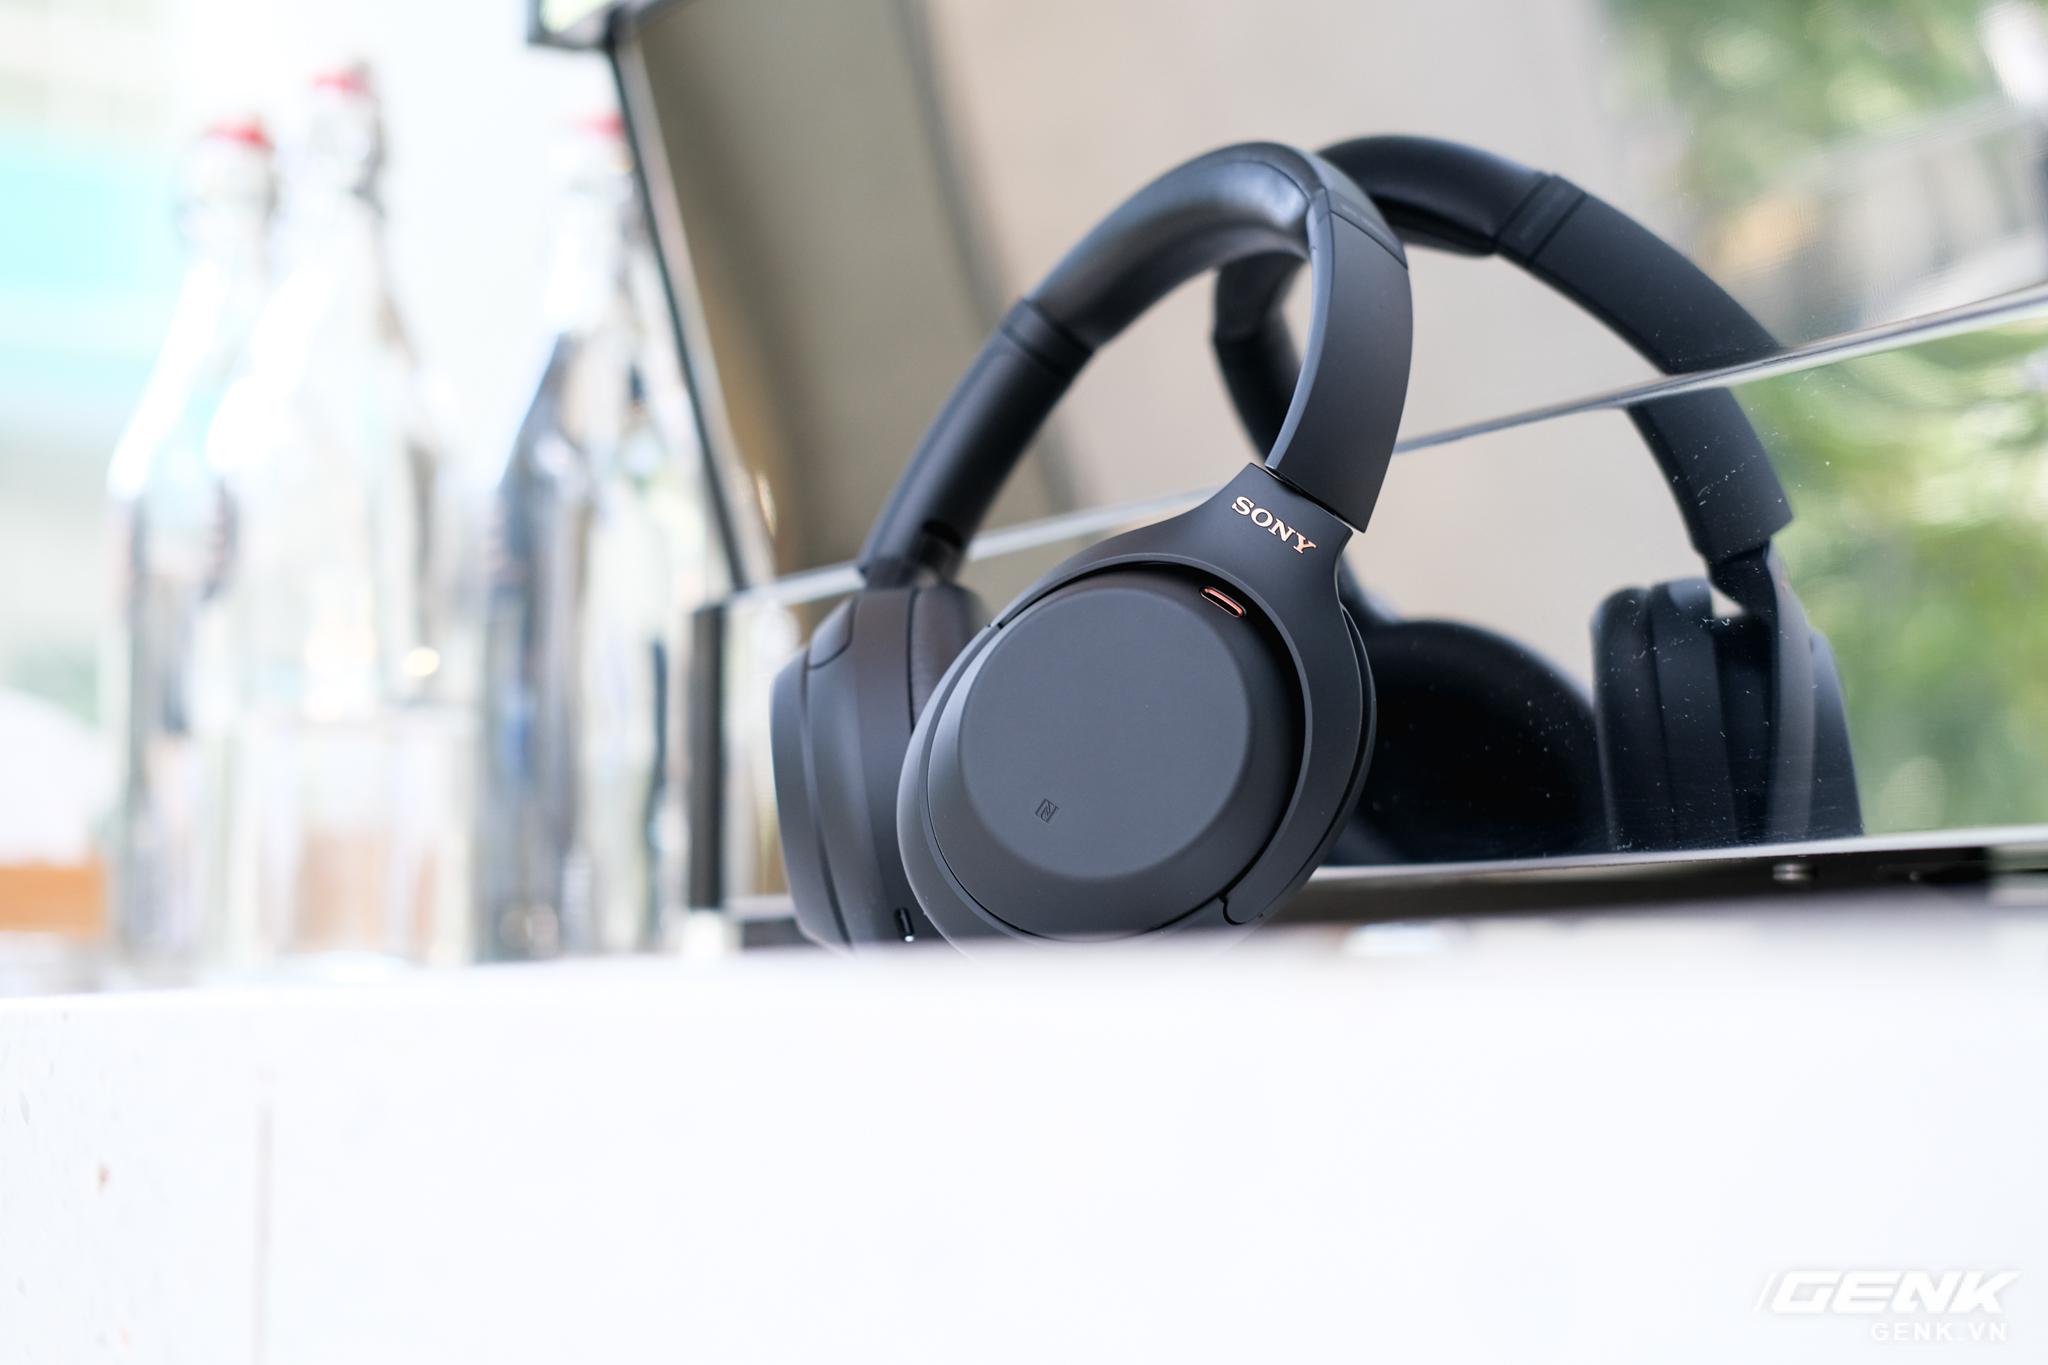 Trên tay tai nghe Sony WH-1000XM4: Ngoại hình không thay đổi, kết nối 1 lúc 2 thiết bị, nâng cấp chống ồn, giá 8,49 triệu đồng - Ảnh 8.